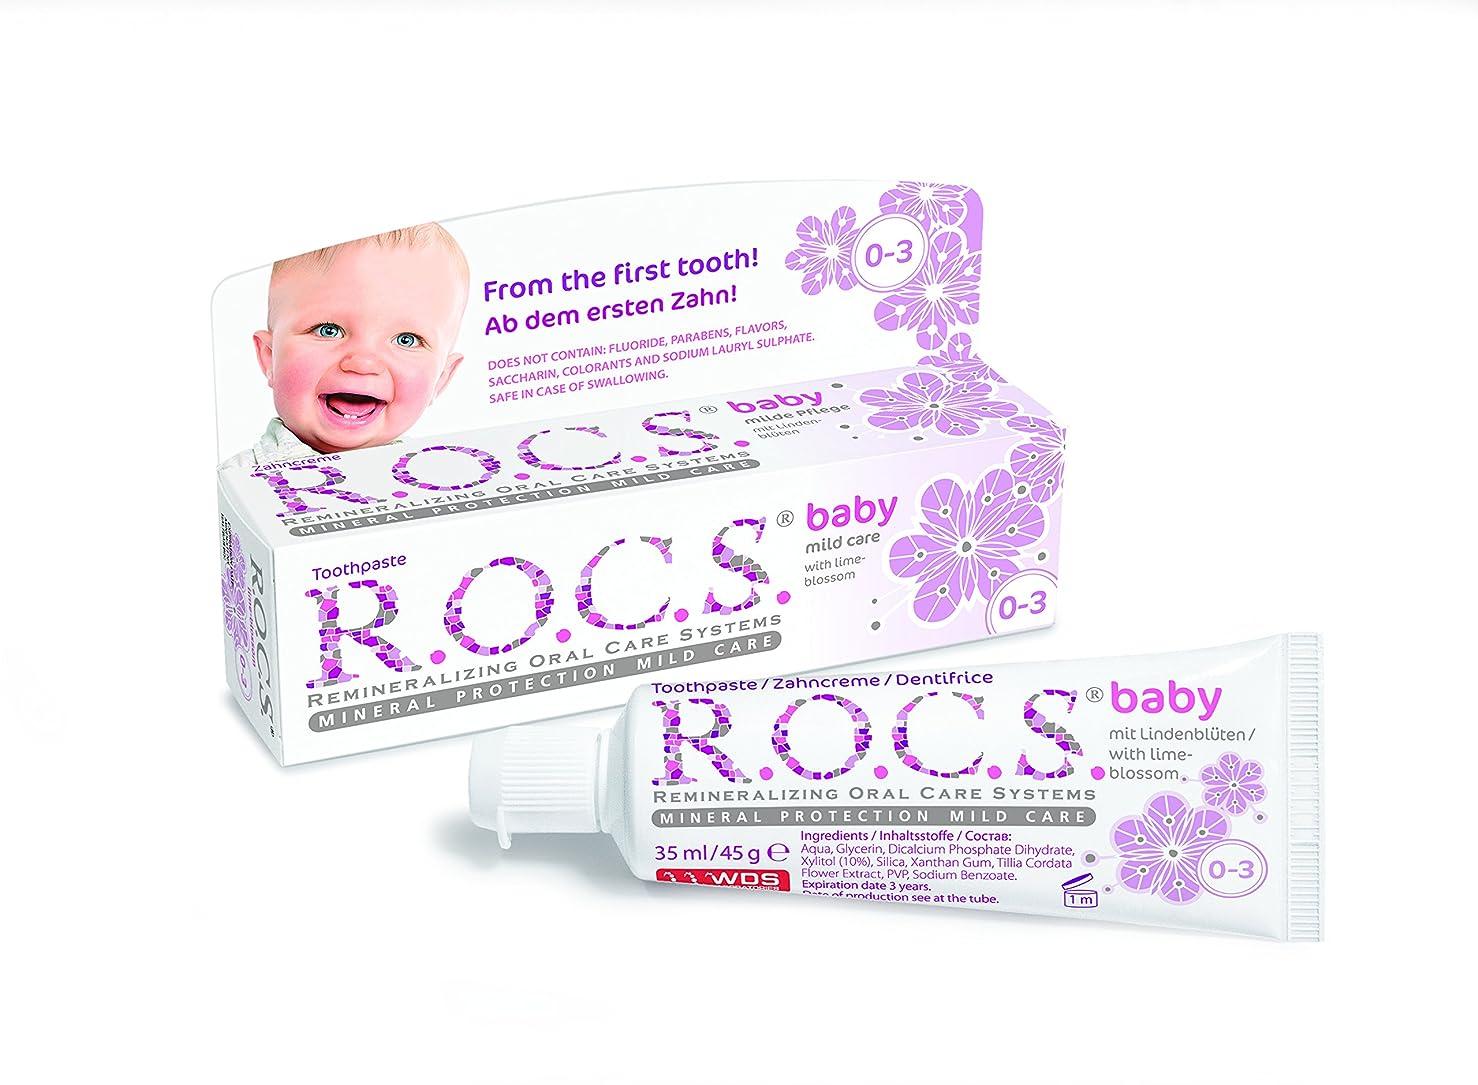 パンフレット証明する過半数R.O.C.S. ロックス歯磨き粉 ベビー用マイルドケア ライム